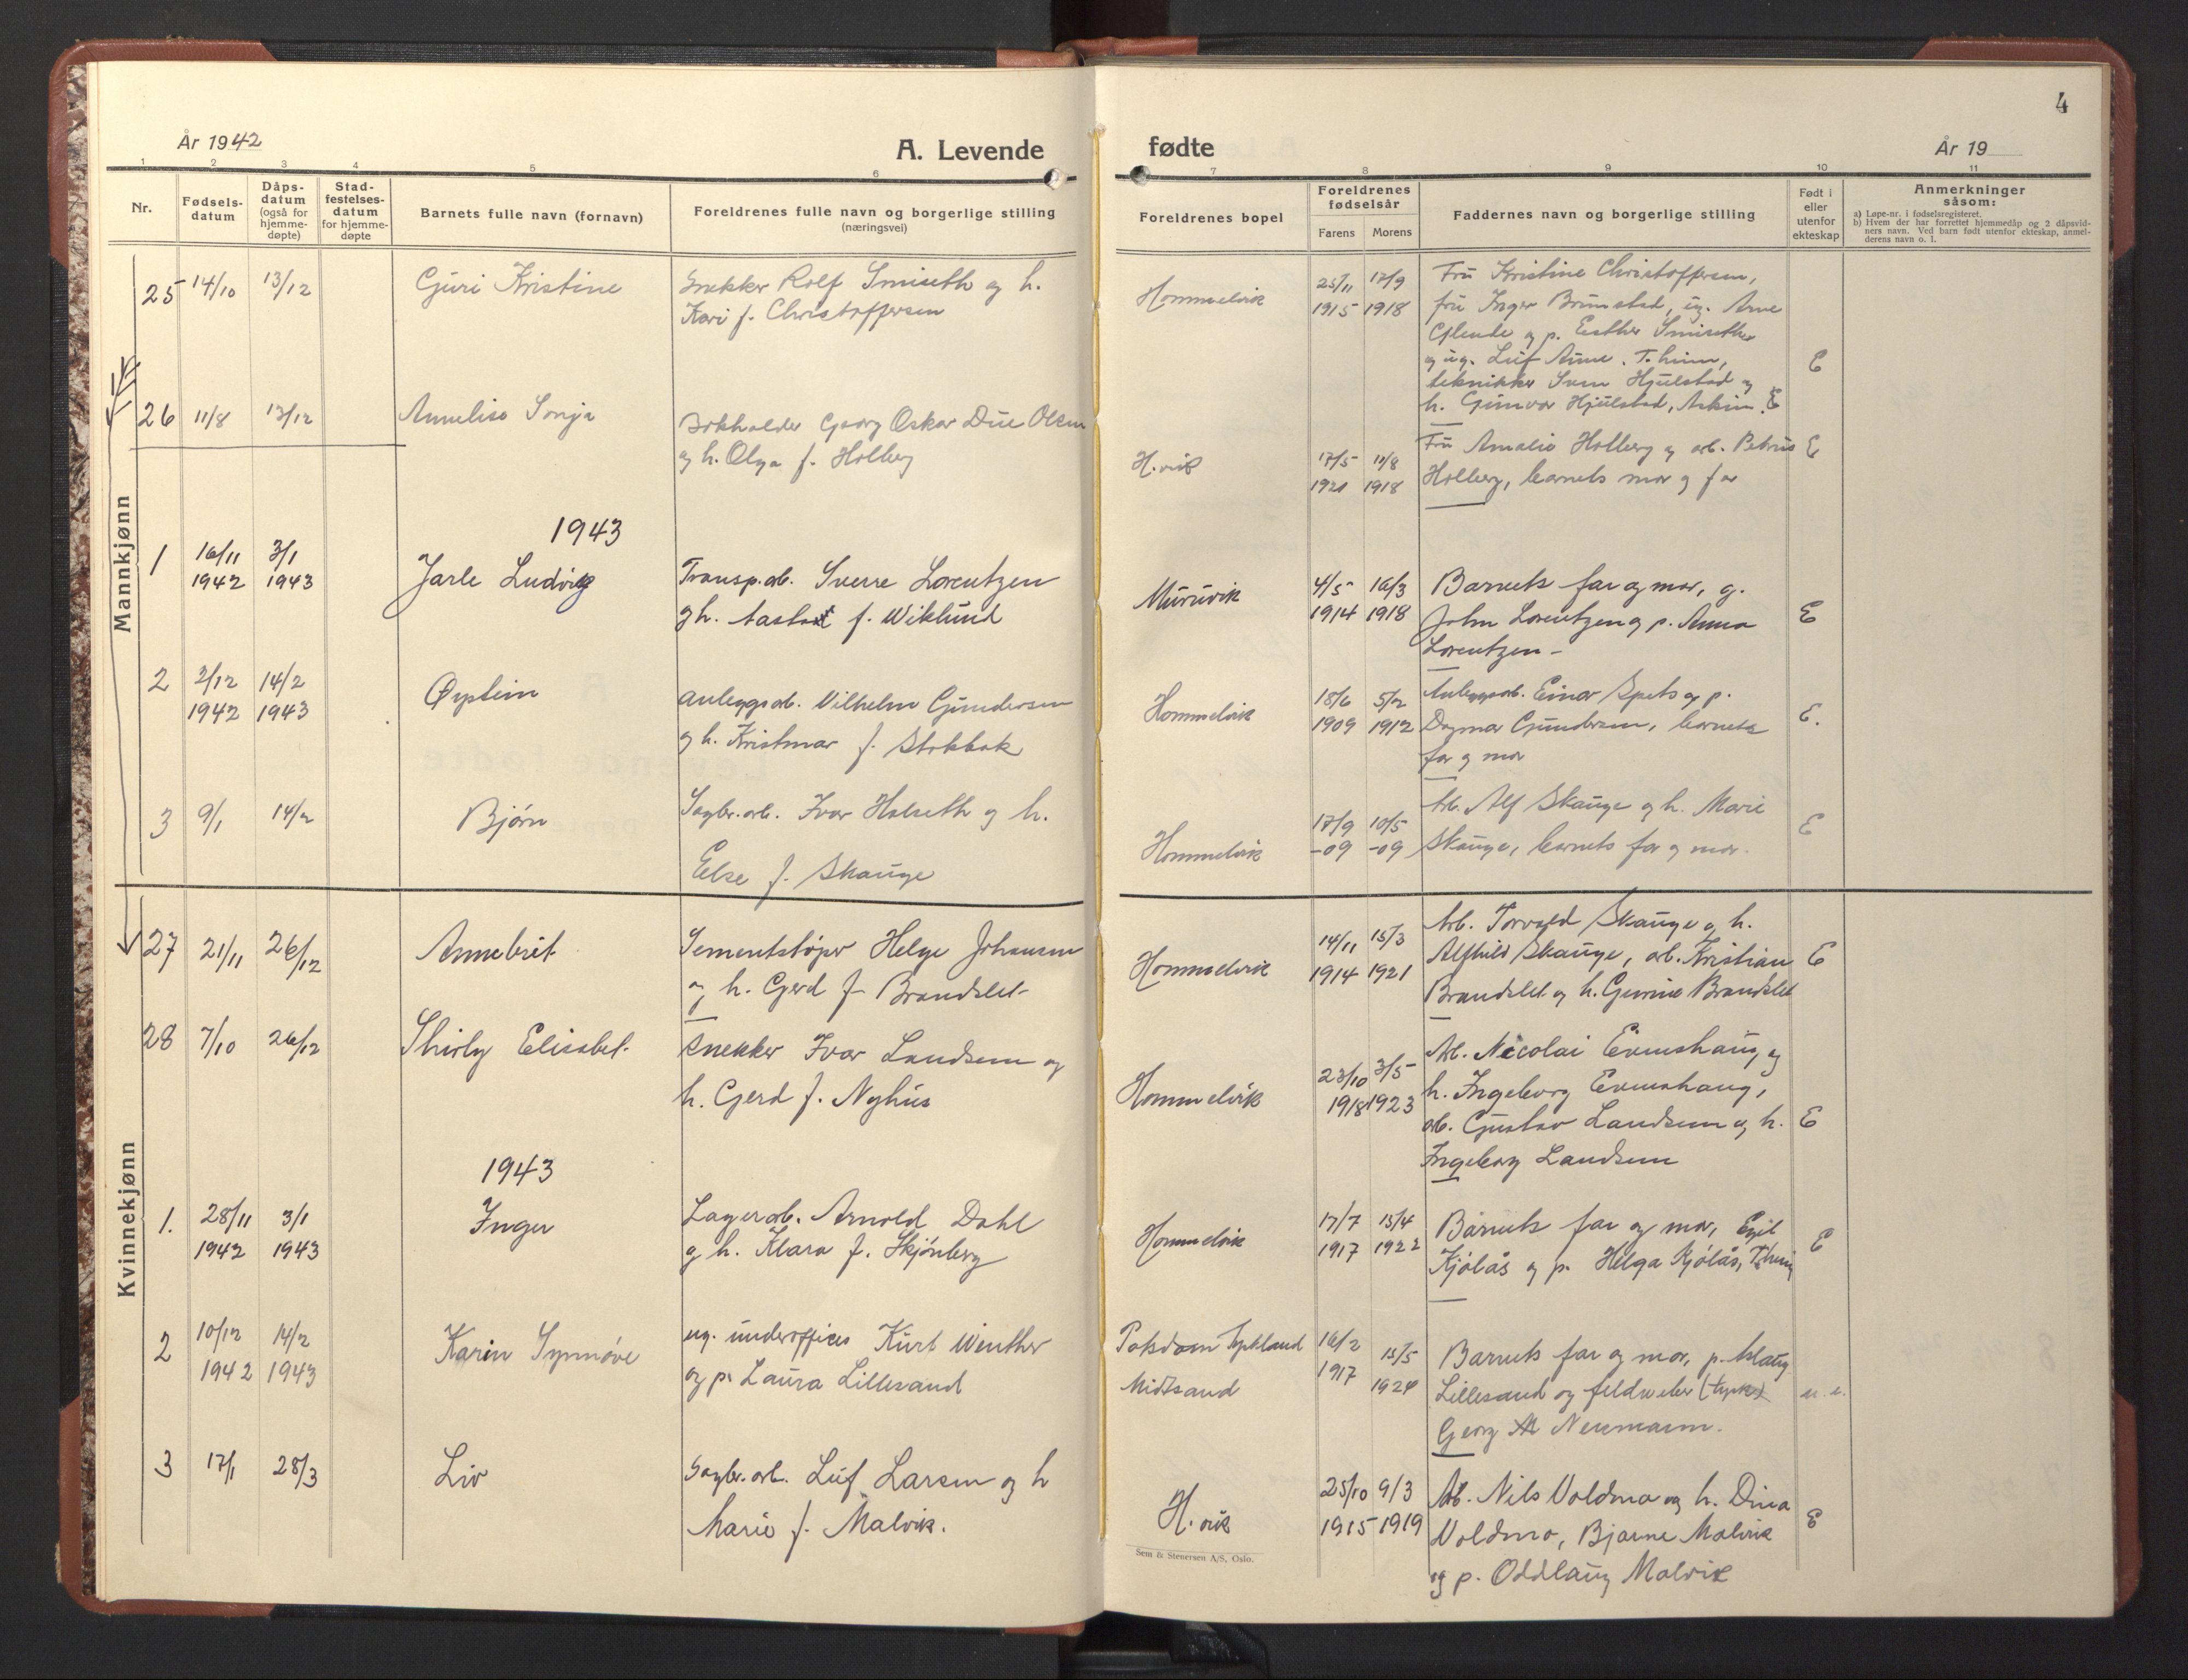 SAT, Ministerialprotokoller, klokkerbøker og fødselsregistre - Sør-Trøndelag, 617/L0433: Klokkerbok nr. 617C04, 1942-1947, s. 4